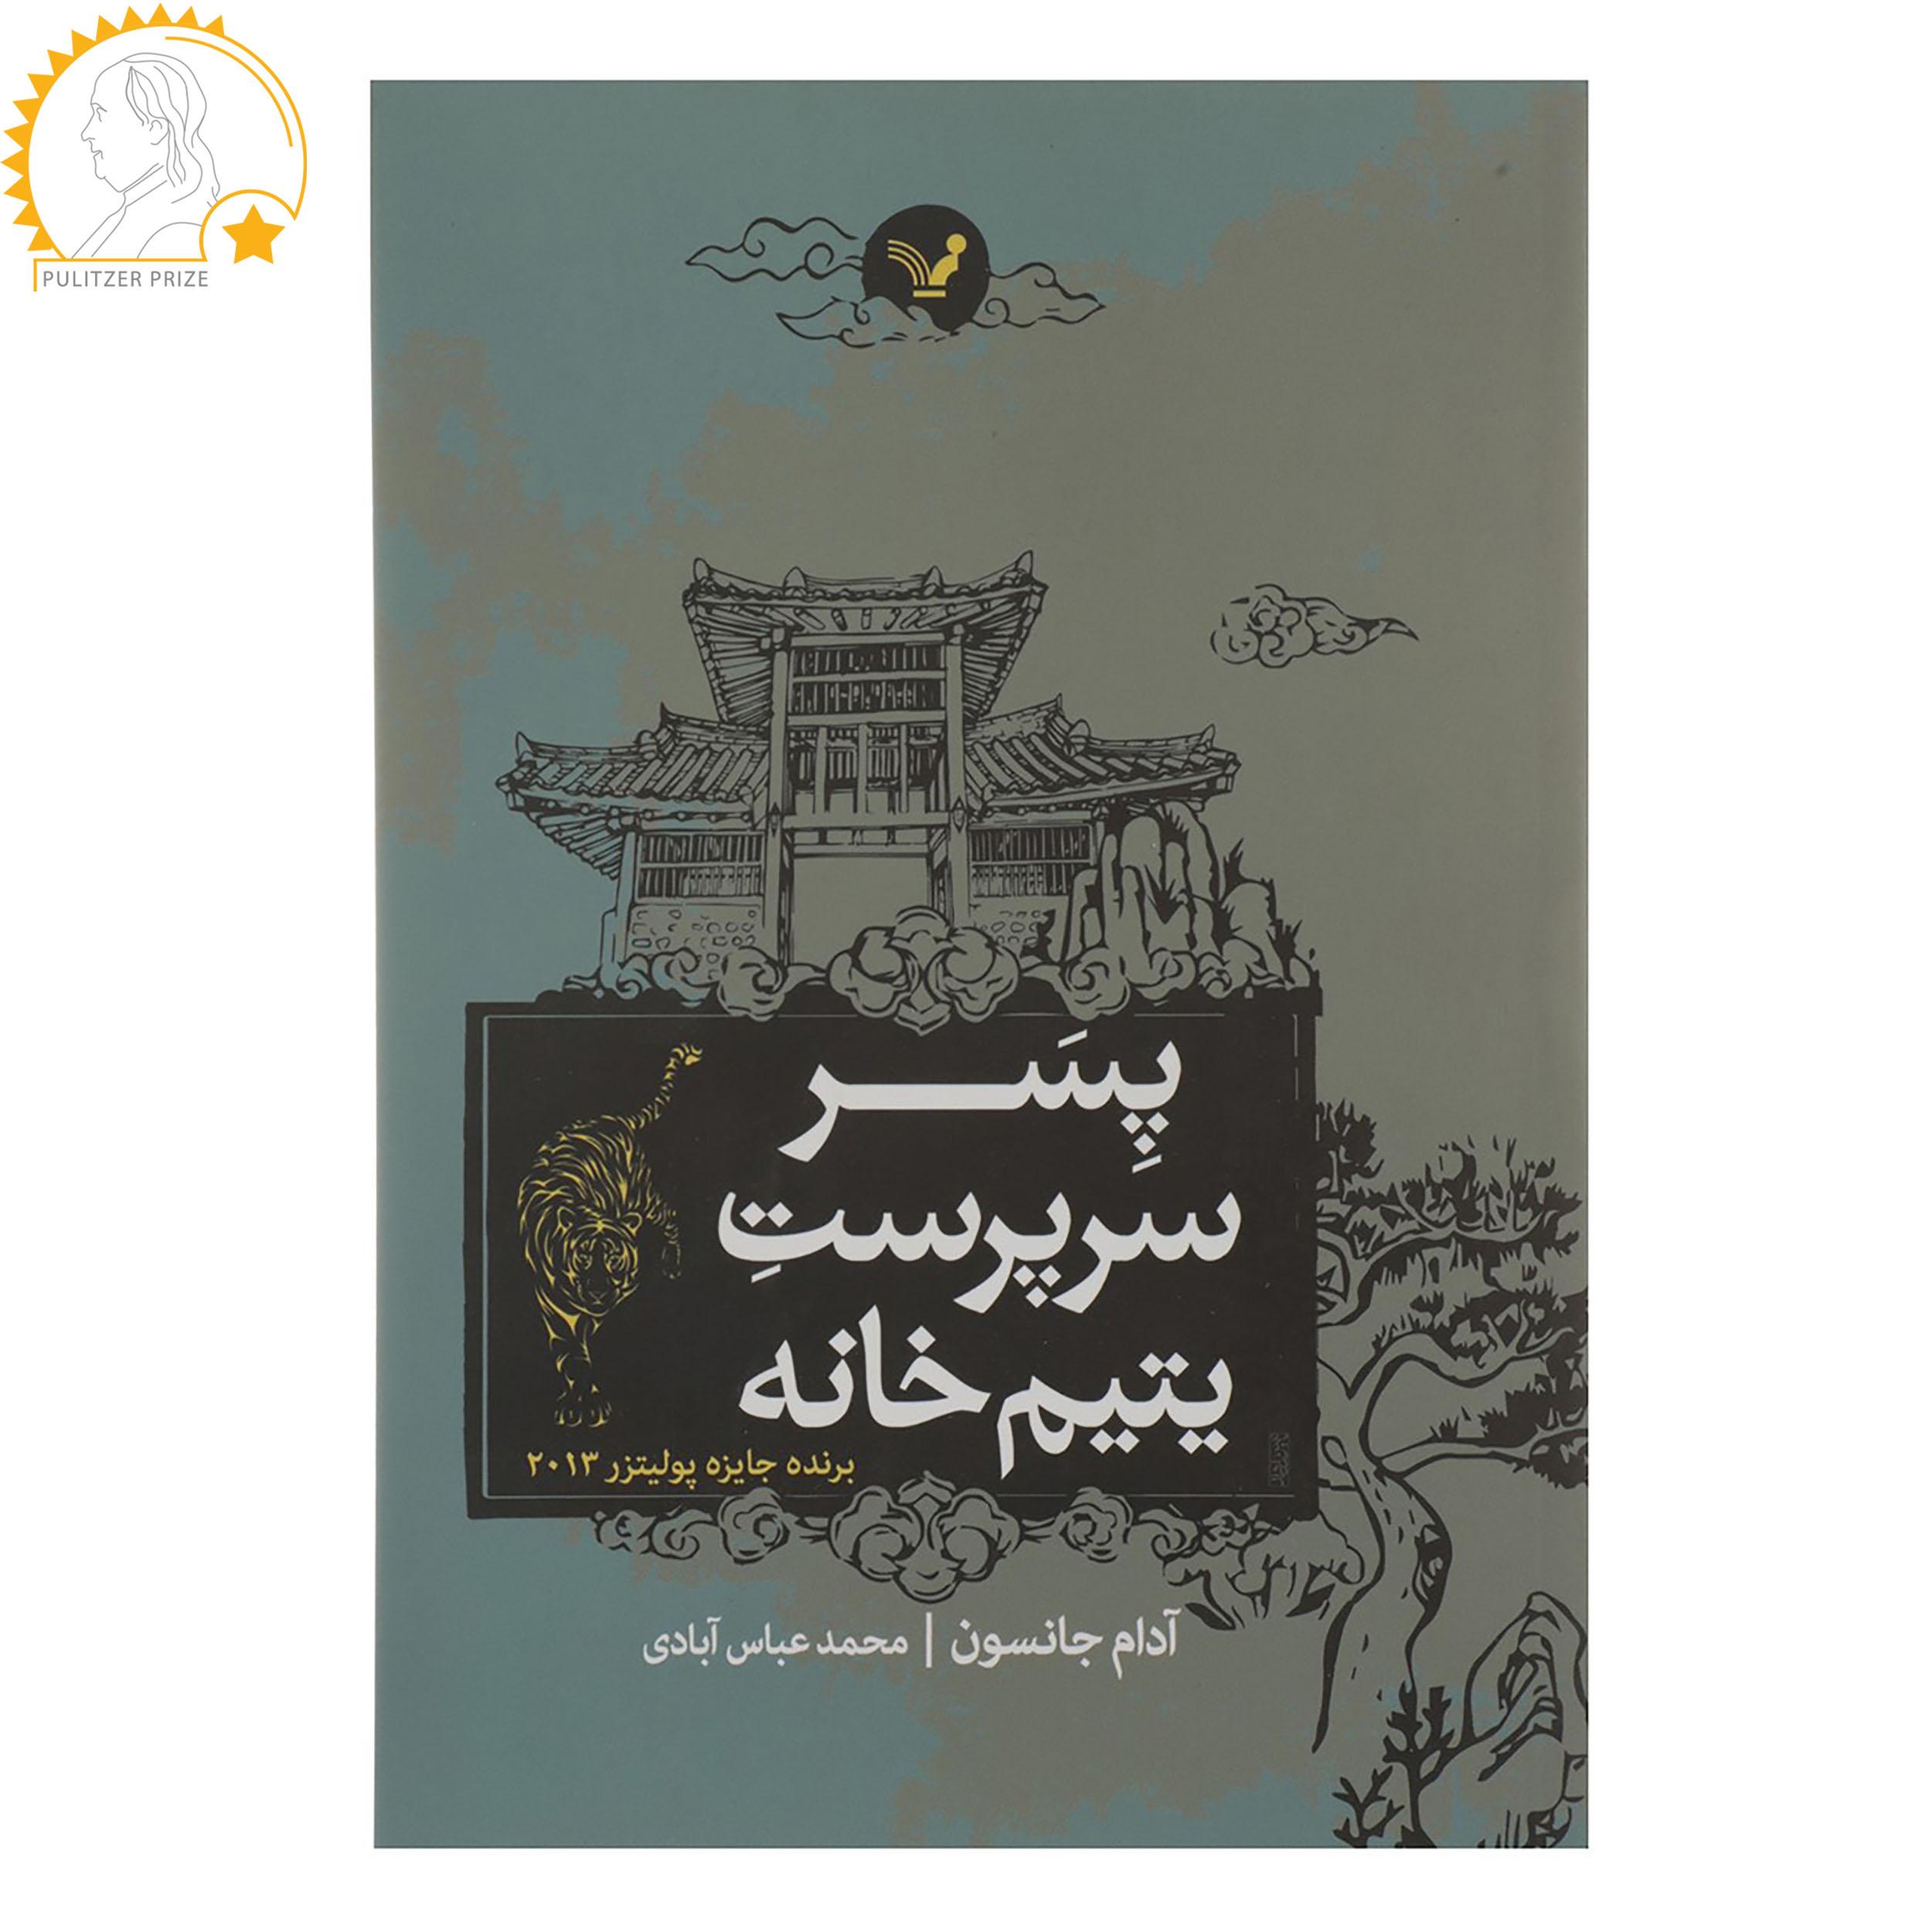 کتاب پسر سرپرست یتیم خانه اثر آدام جانسون